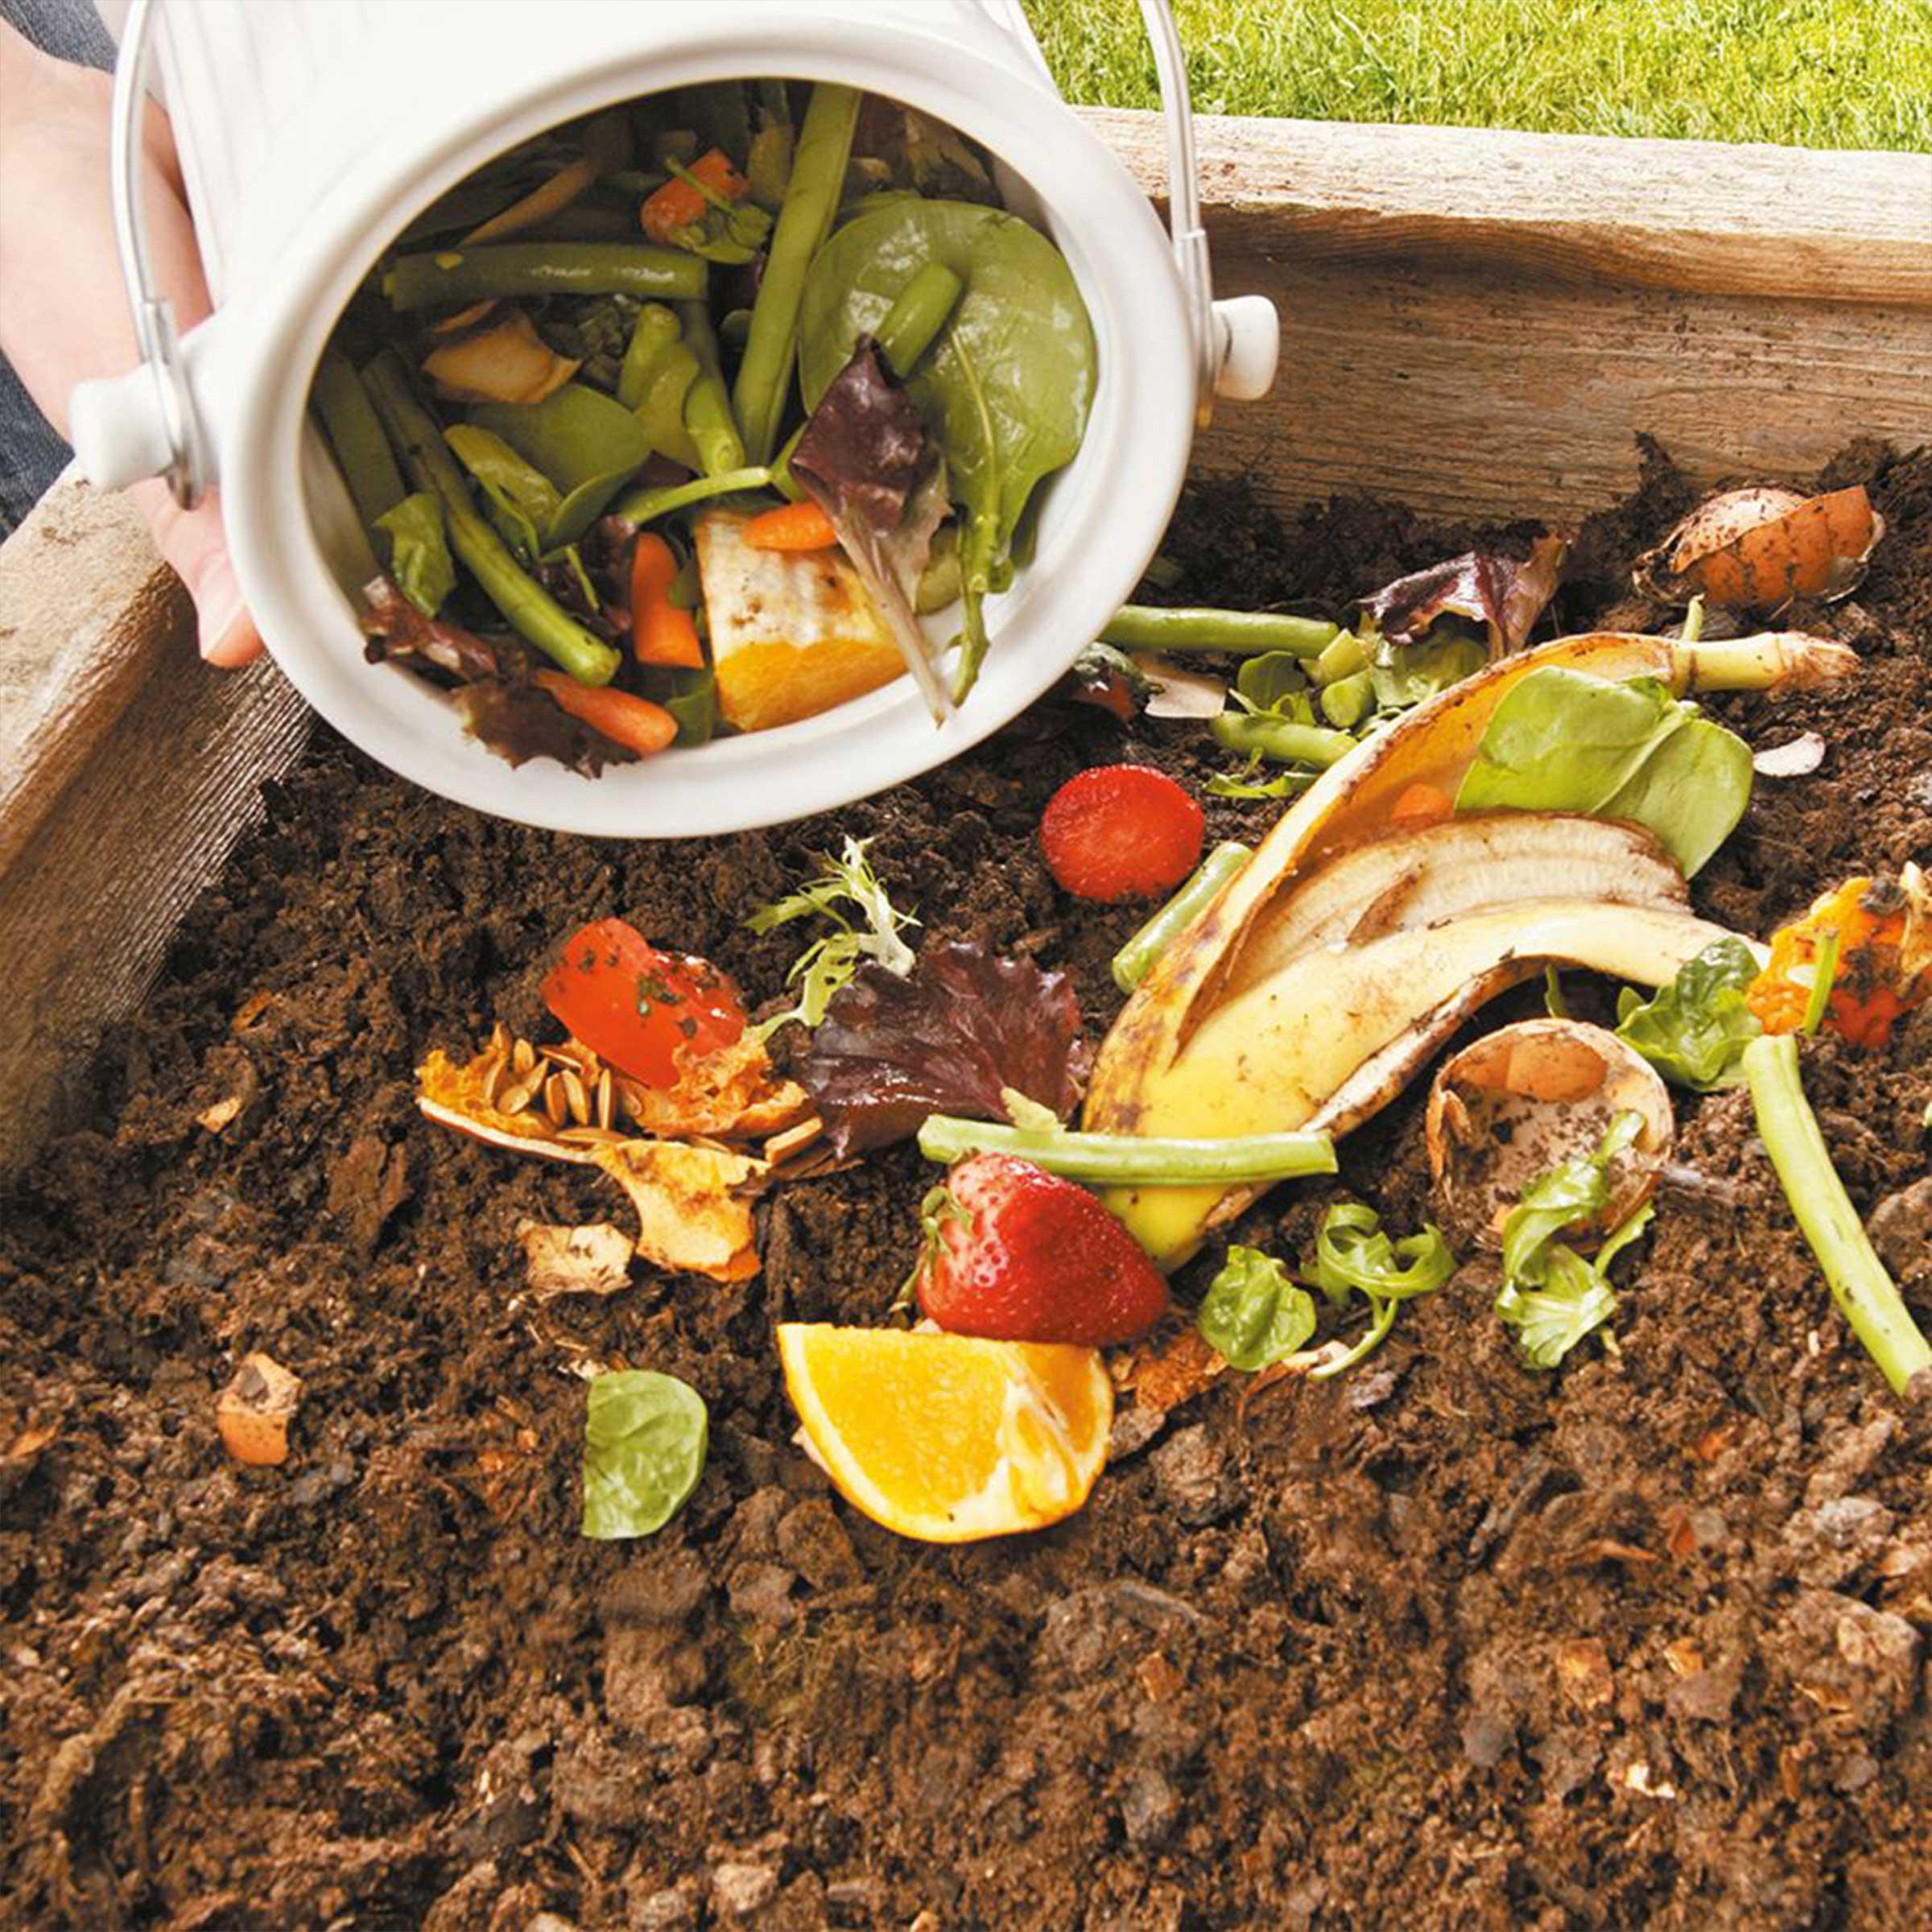 Seau compost cologique 4 5 litres for Seau compost cuisine